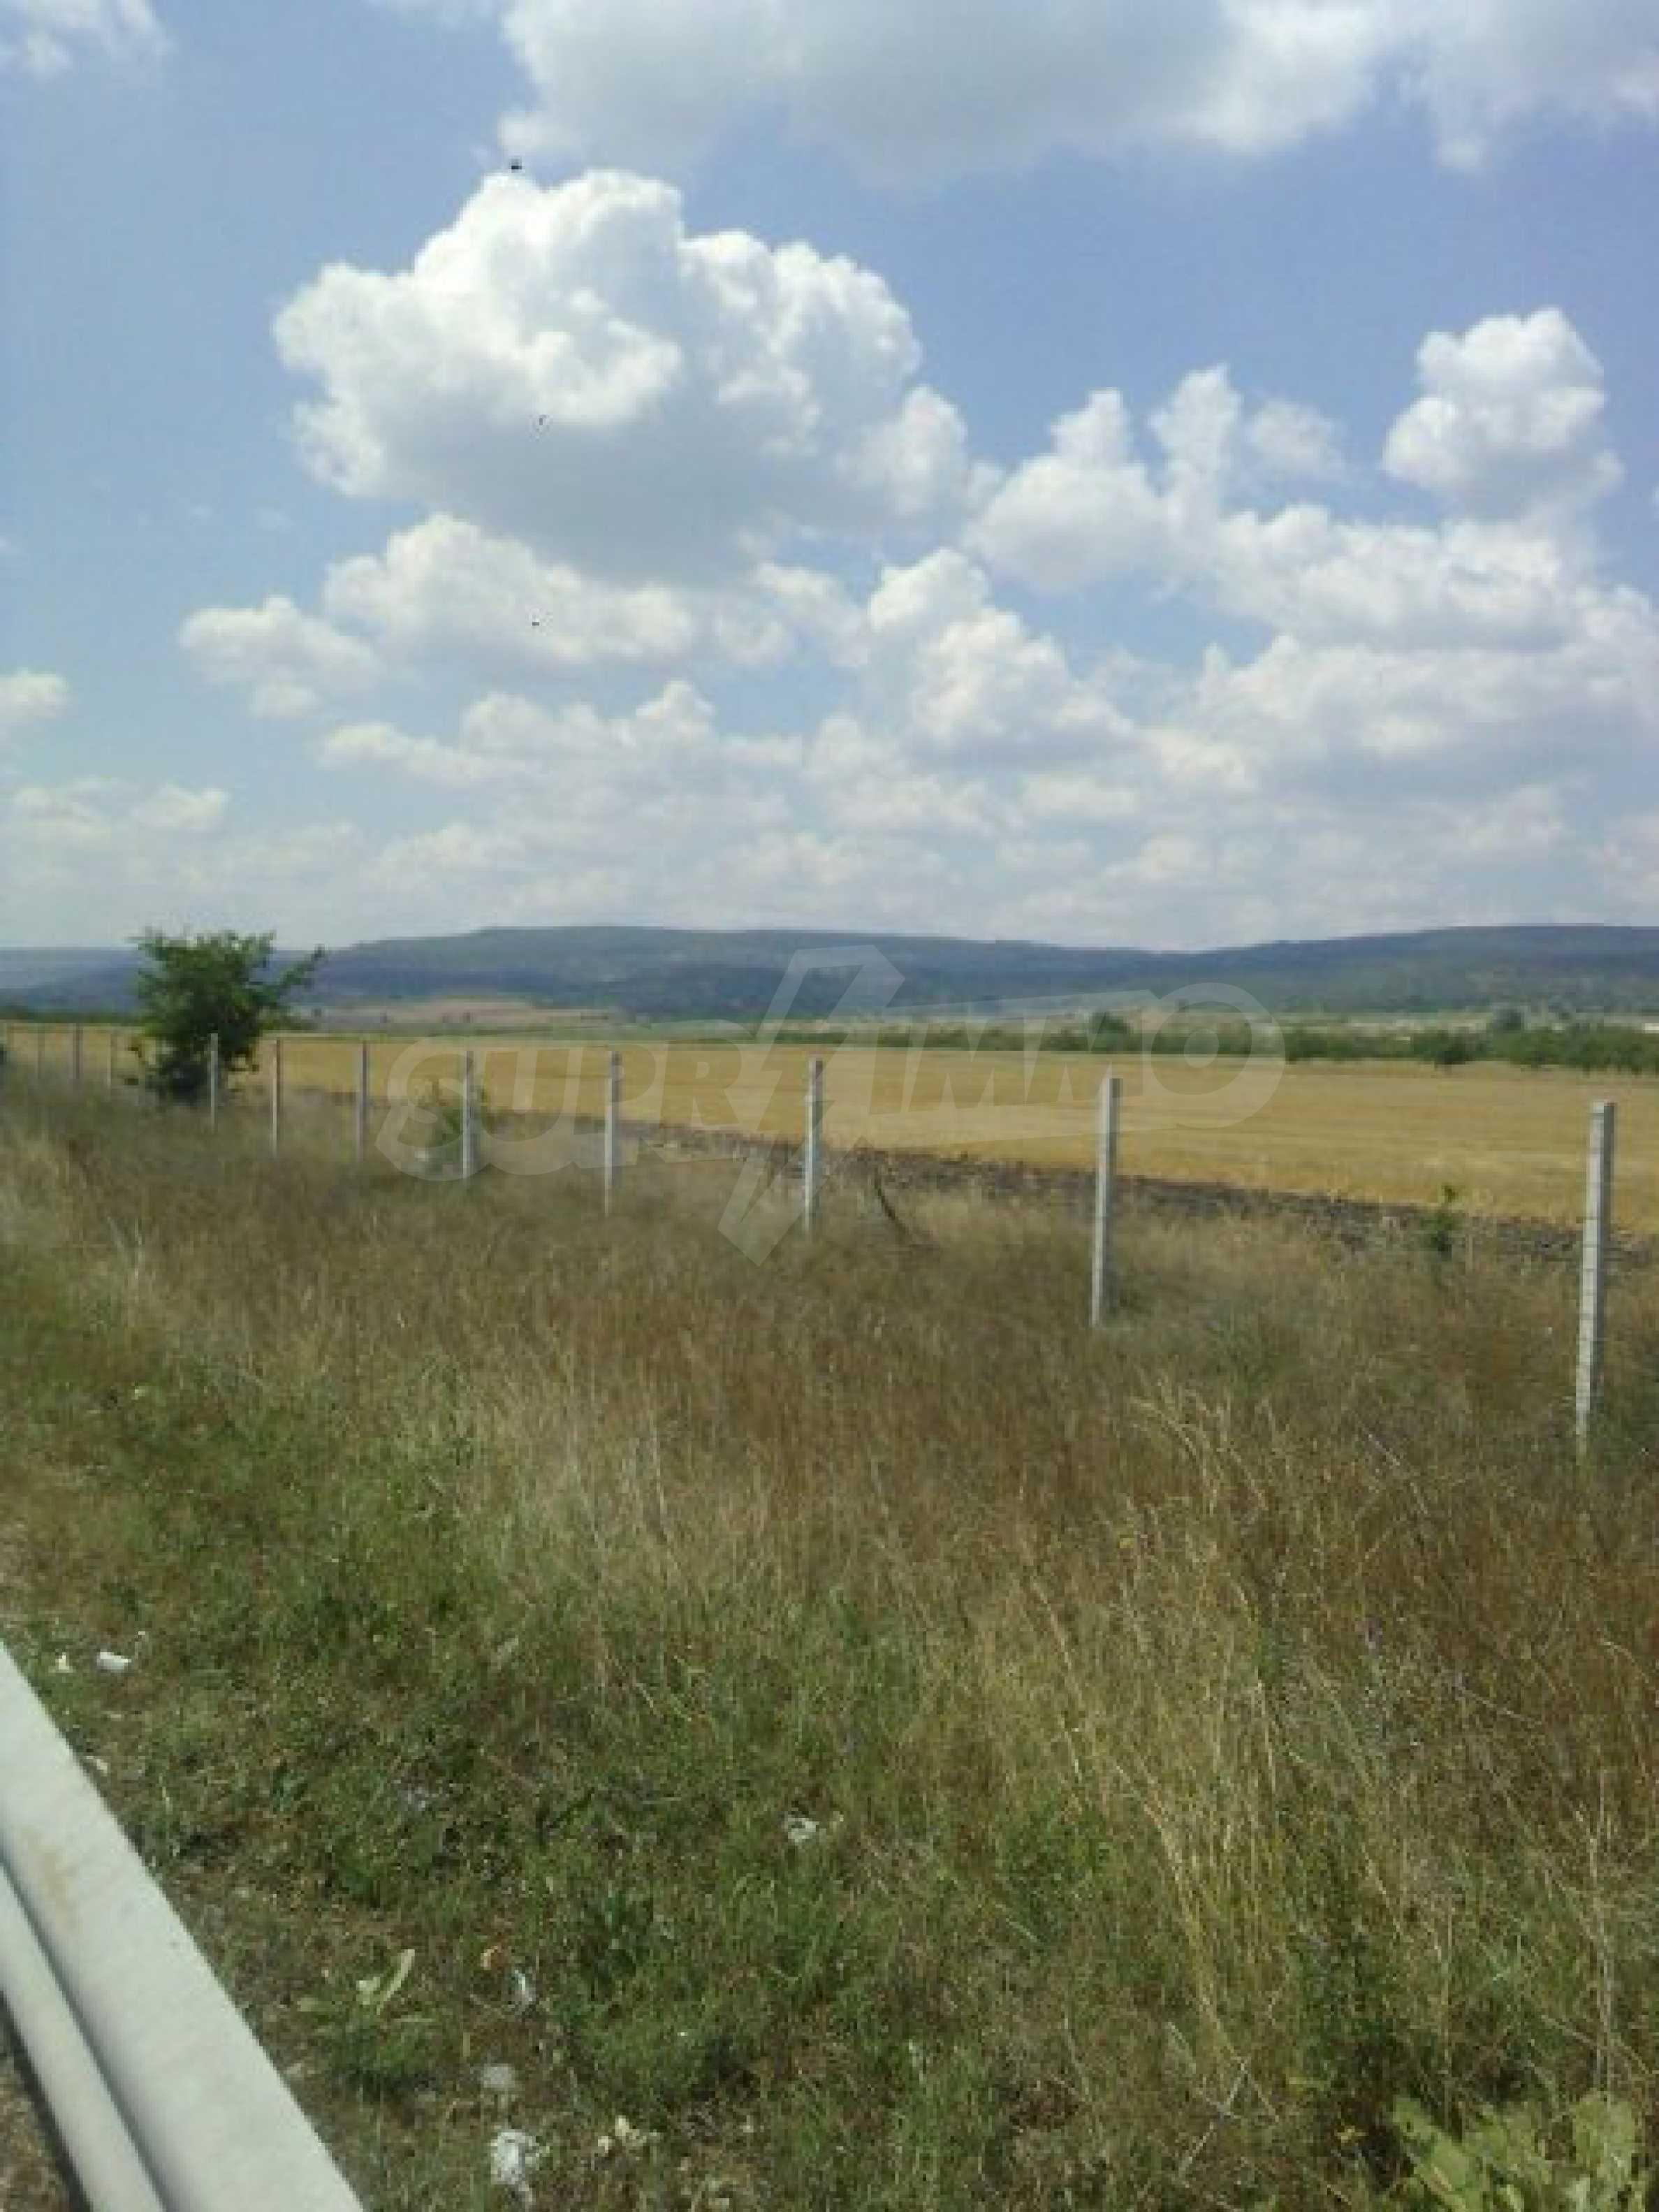 Участок сельскохозяйственной земли возле Варны 3